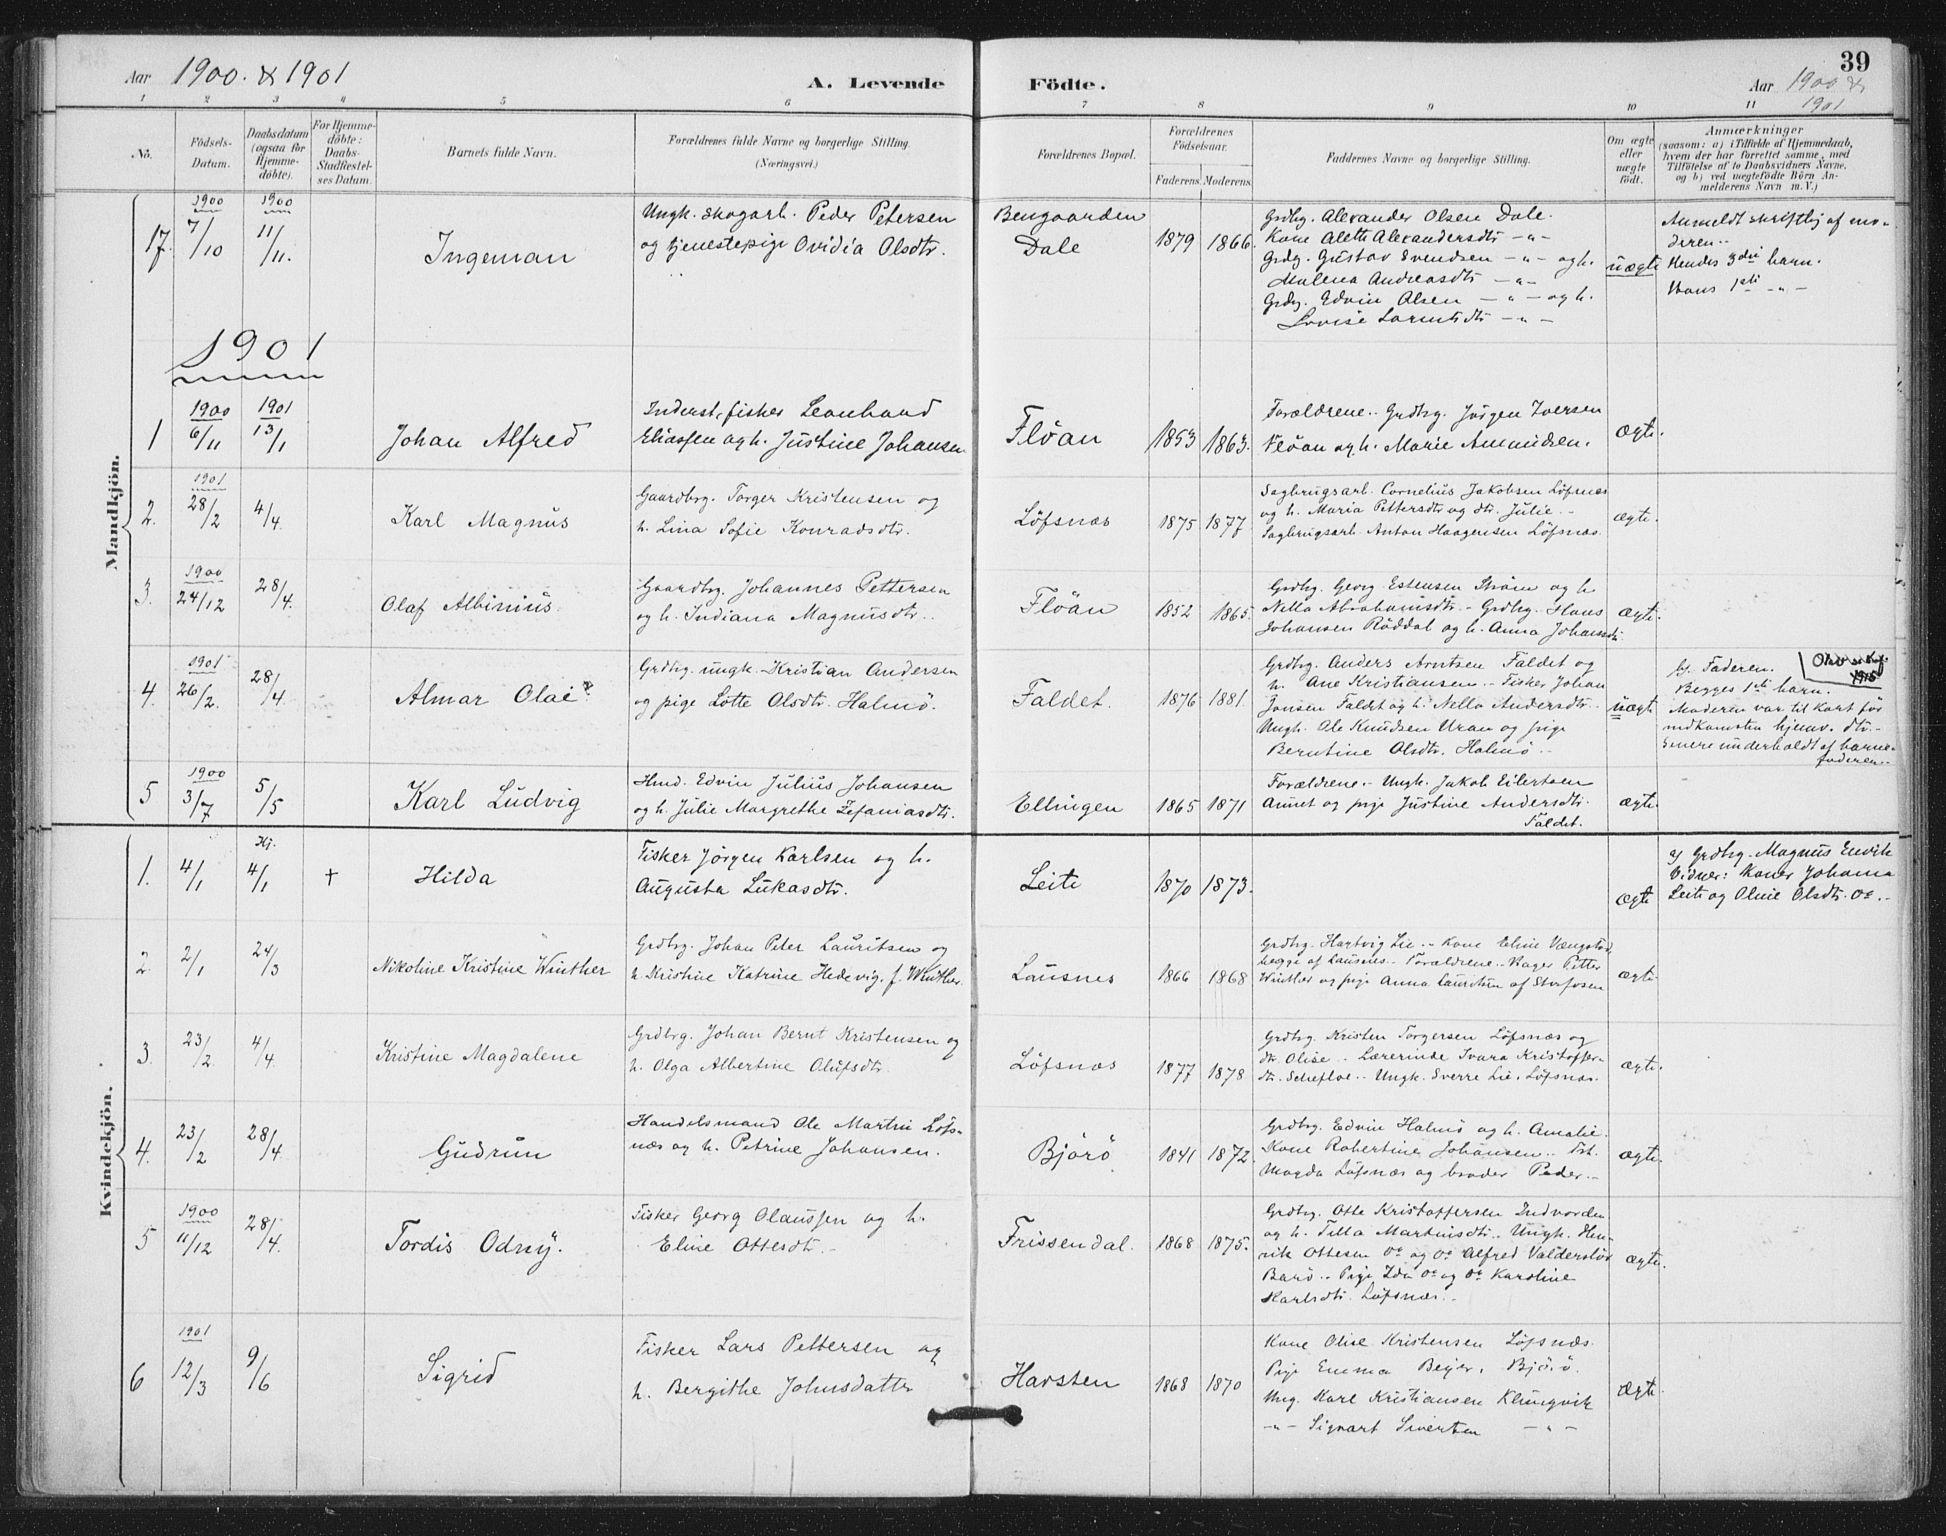 SAT, Ministerialprotokoller, klokkerbøker og fødselsregistre - Nord-Trøndelag, 772/L0603: Ministerialbok nr. 772A01, 1885-1912, s. 39